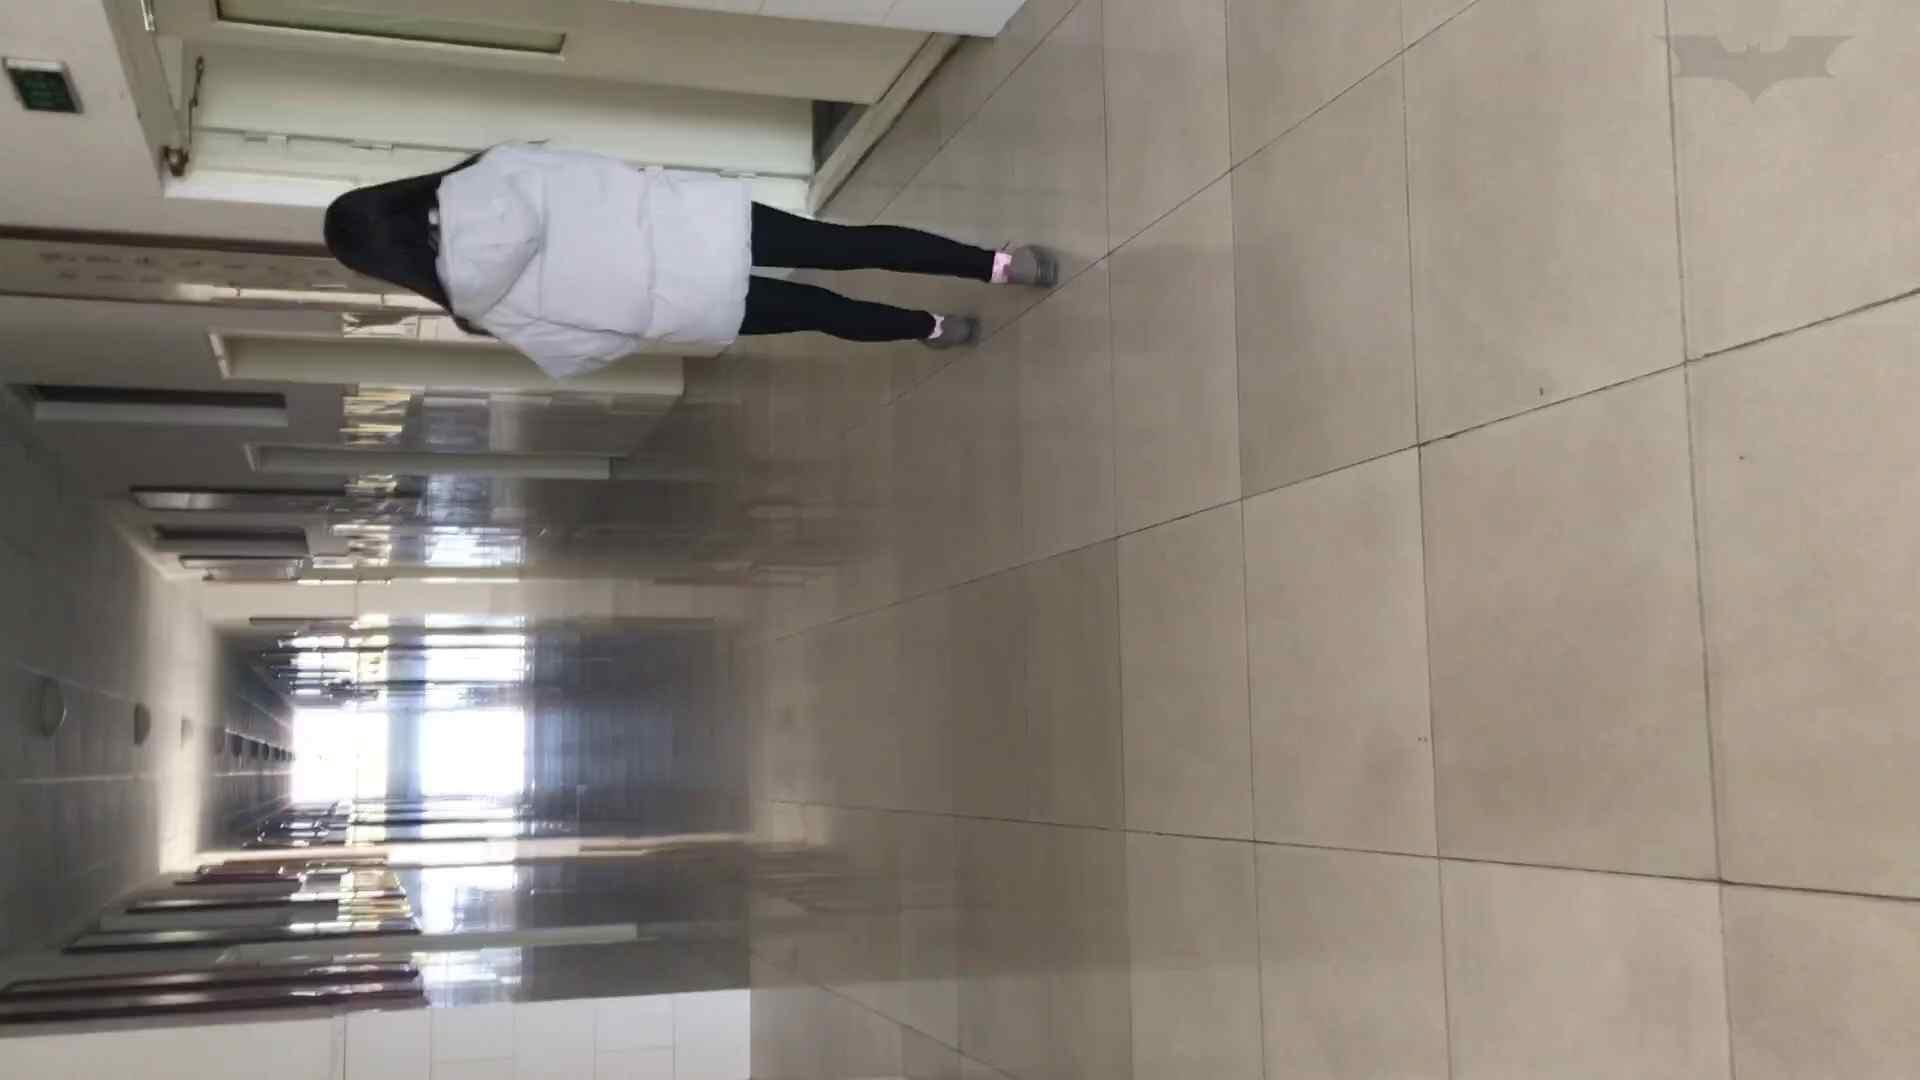 芸術大学ガチ潜入盗撮 JD盗撮 美女の洗面所の秘密 Vol.80 細身女性  69画像 24